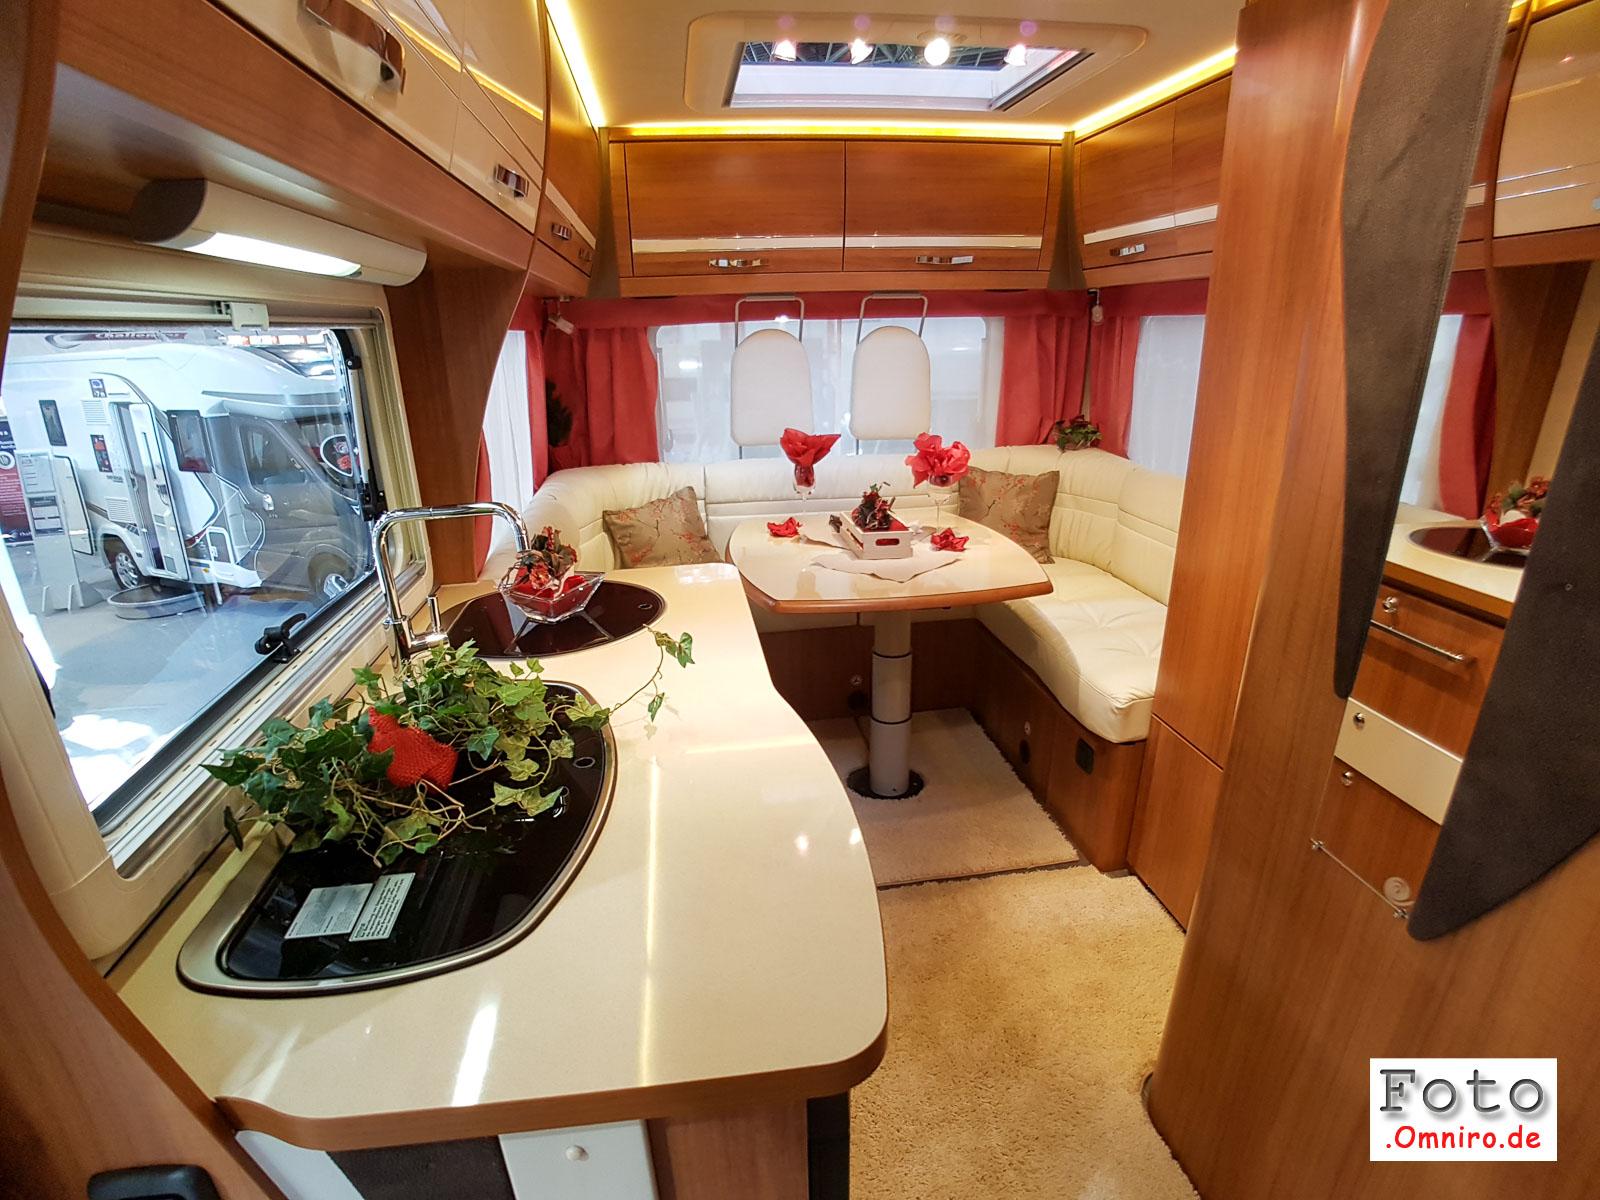 2016-08-26_12-46-54_caravan-salon_20160826_124654-1600